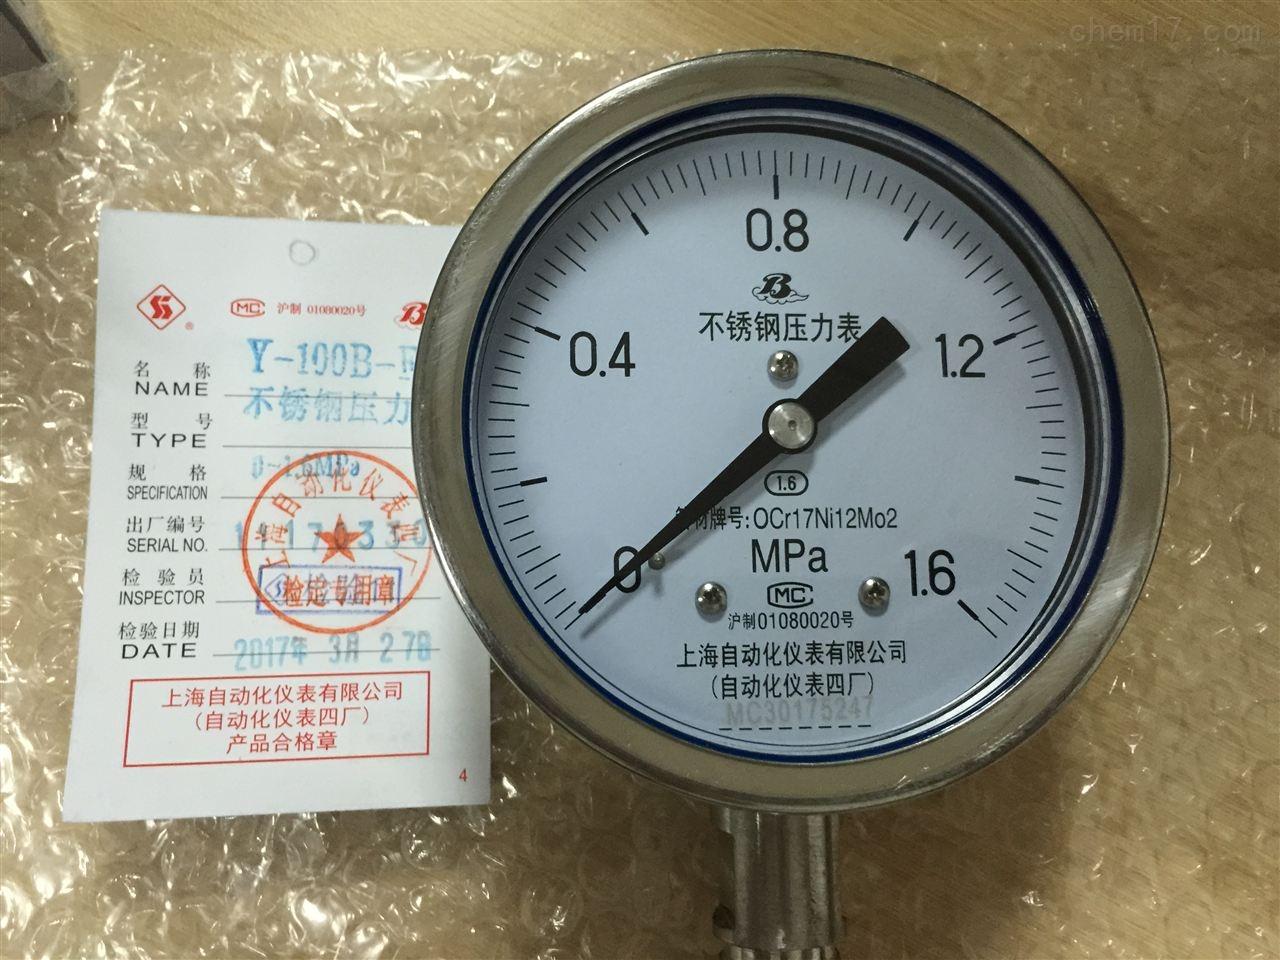 Y-103BFZ不锈钢耐震压力表